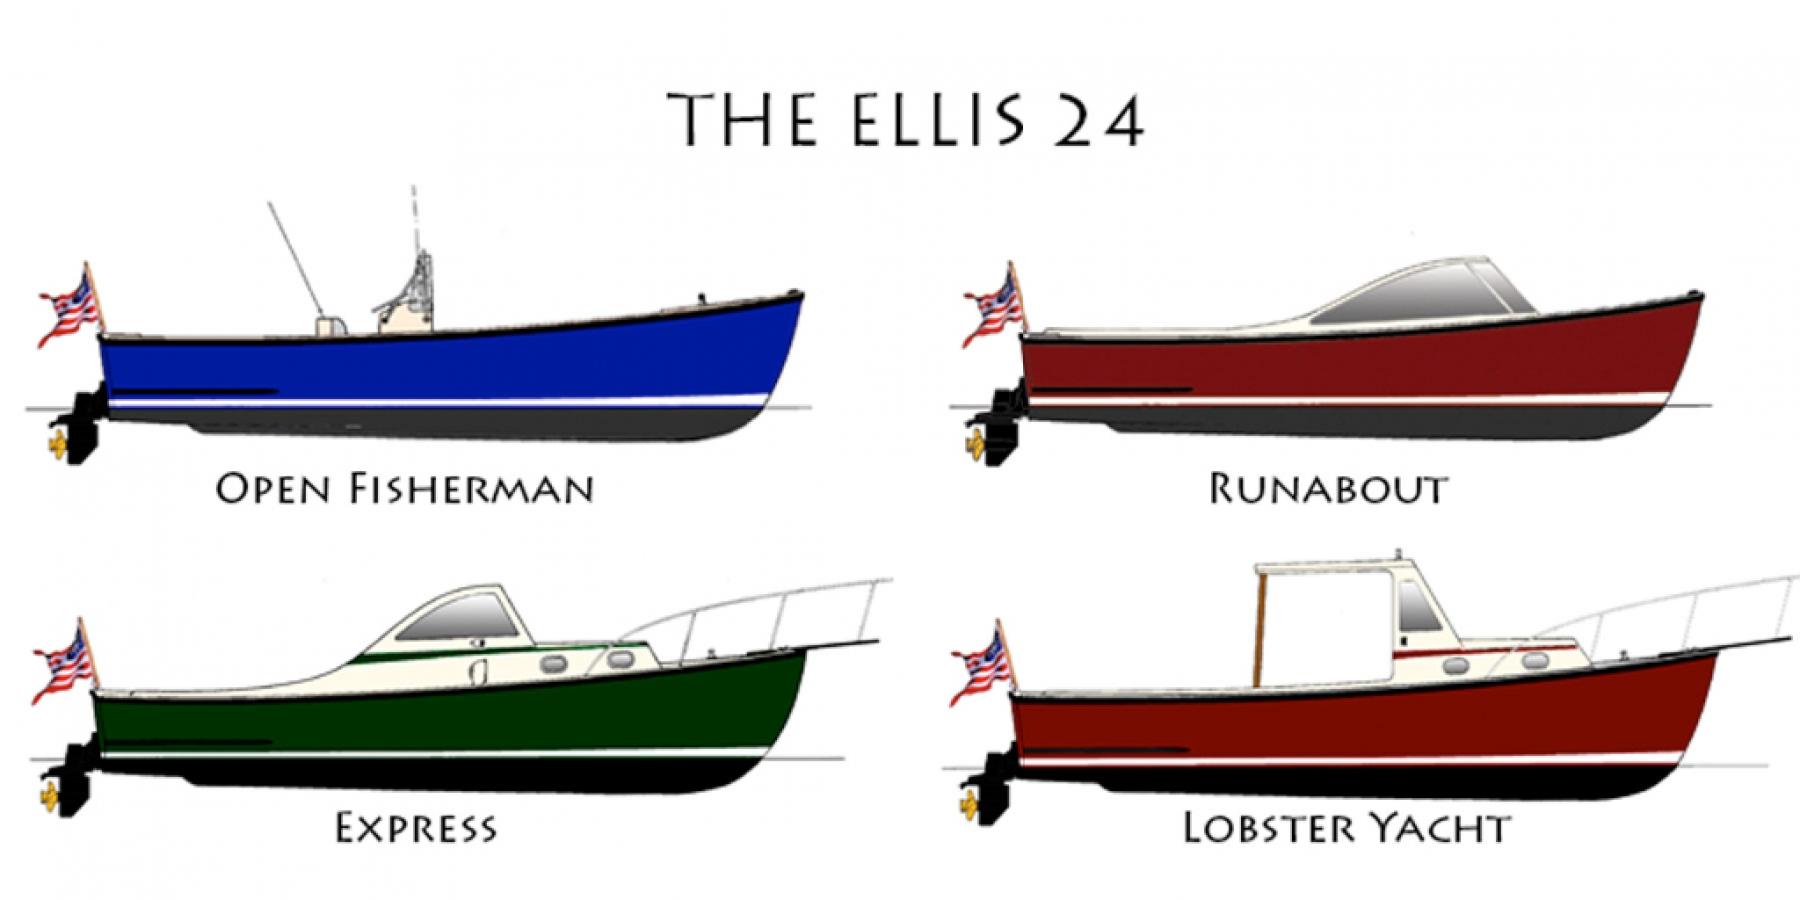 Ellis 24 Profiles - Four different Ellis 24 Models